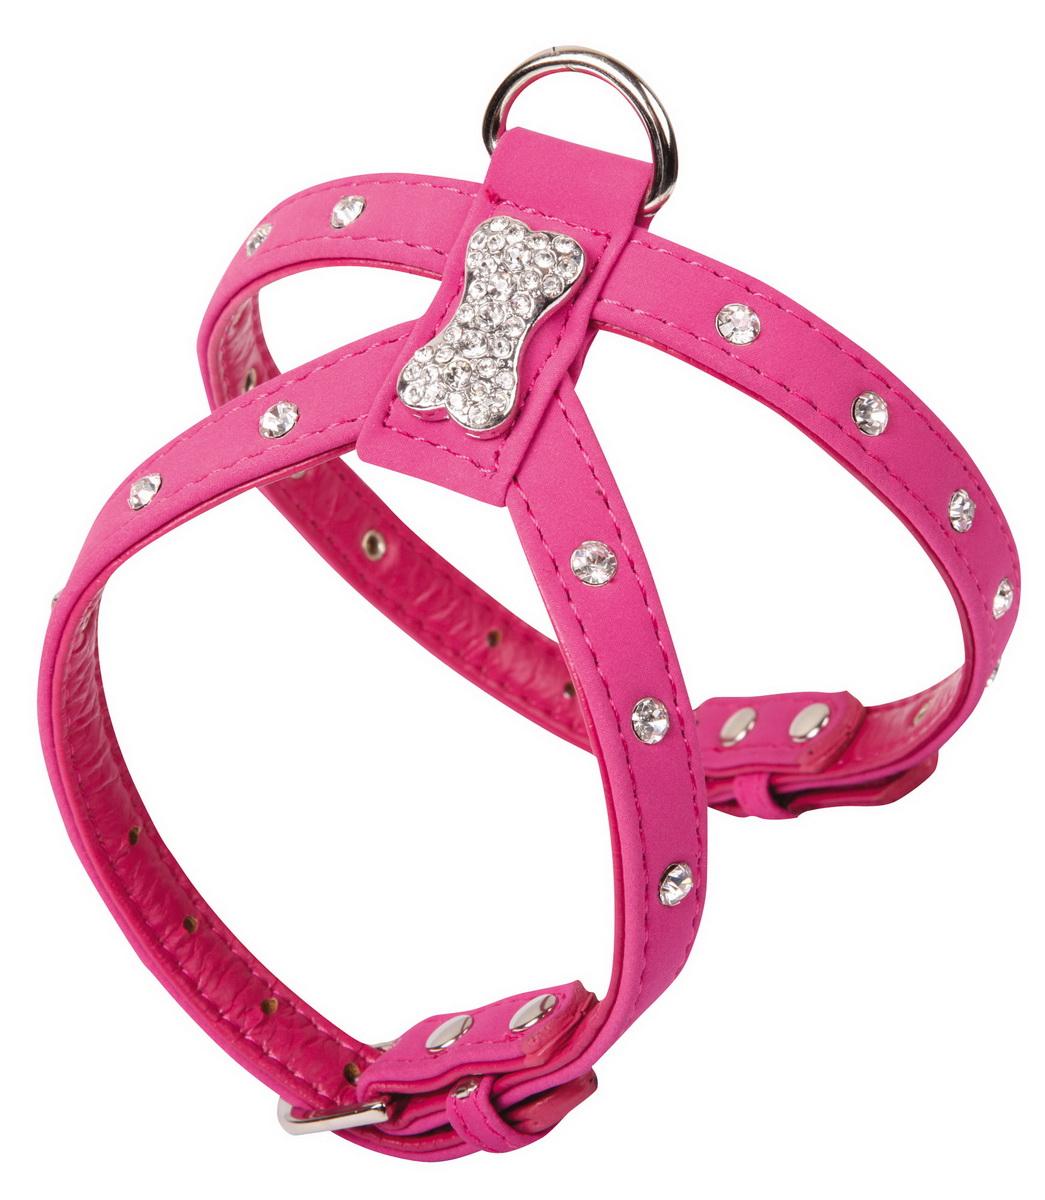 Шлейка для собак Dezzie, цвет: розовый, обхват шеи 22-28 см, обхват груди 34-40 см. Размер L. 56240805601140Шлейка Dezzie, изготовленная из бархата и украшенная металлической вставкой в виде косточки и стразами подходит для собак крупных пород. Крепкие металлические элементы делают ее надежной и долговечной. Шлейка - это альтернатива ошейнику. Правильно подобранная шлейка не стесняет движения питомца, не натирает кожу, поэтому животное чувствует себя в ней уверенно и комфортно. Имеется металлическое кольцо для крепления поводка.Изделие отличается высоким качеством, удобством и универсальностью. Имеется металлическое кольцо для крепления поводка.Размер регулируется при помощи пряжек.Обхват шеи: 22-28 см. Обхват груди: 34-40 см.